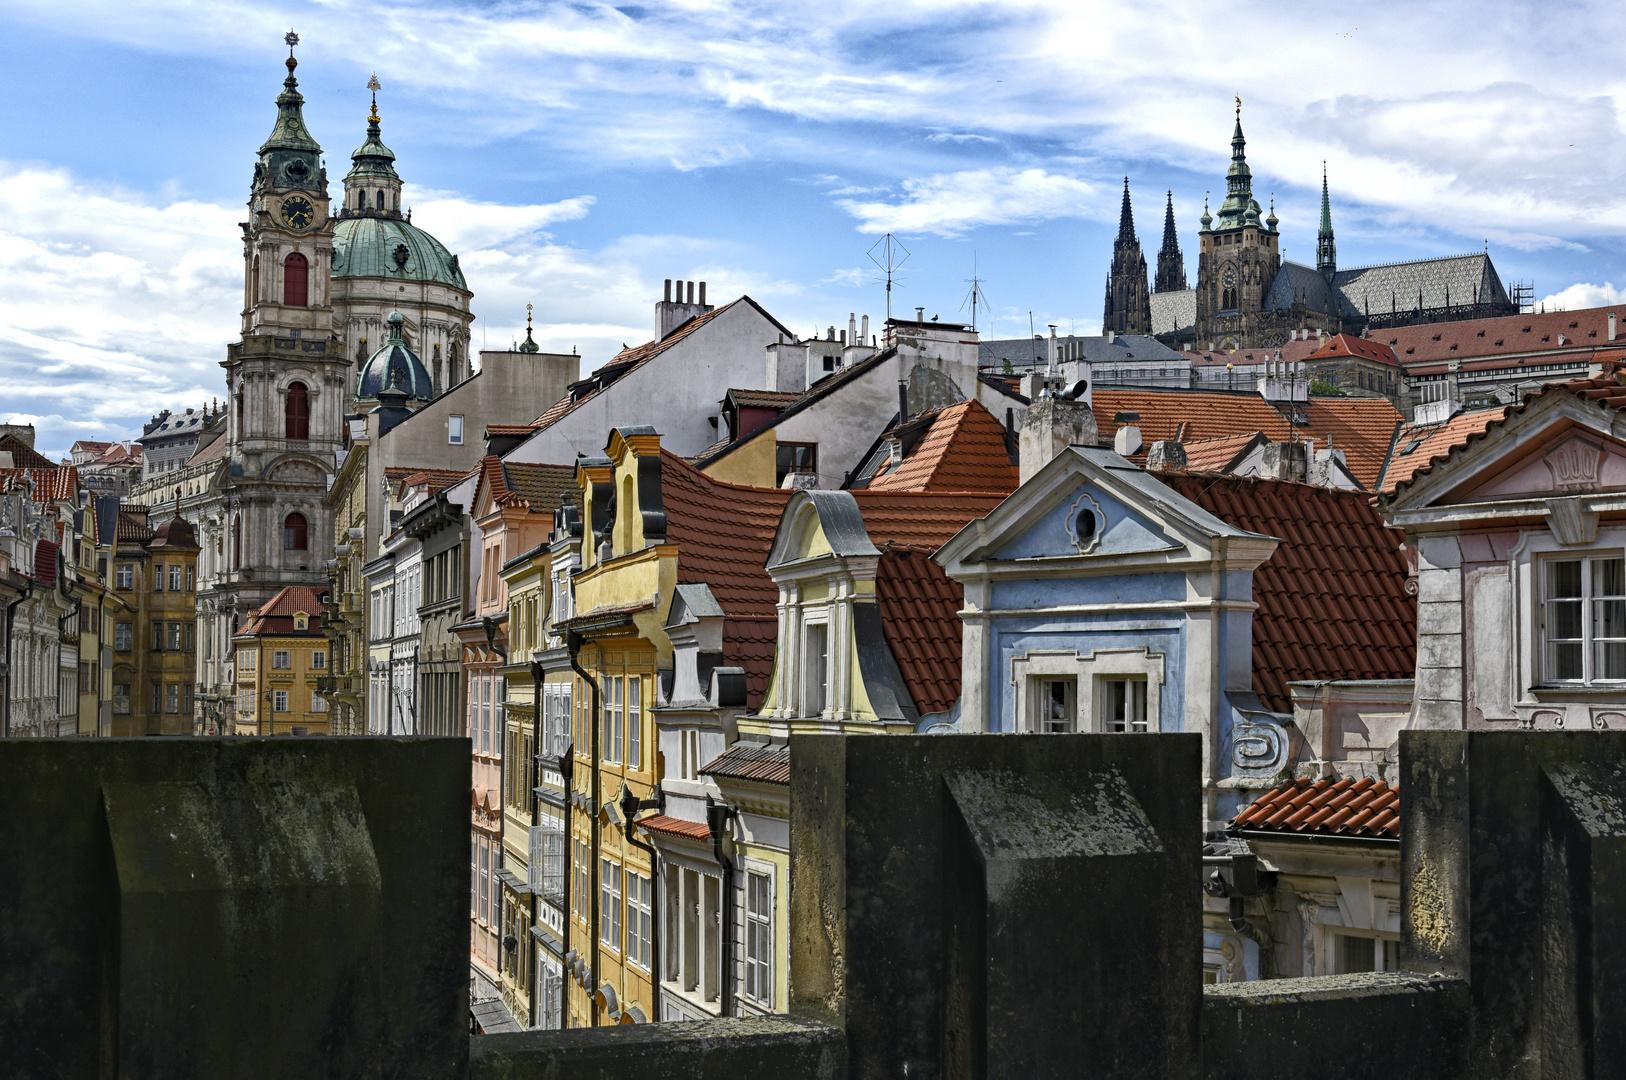 Prager Altstadt über den Dächern